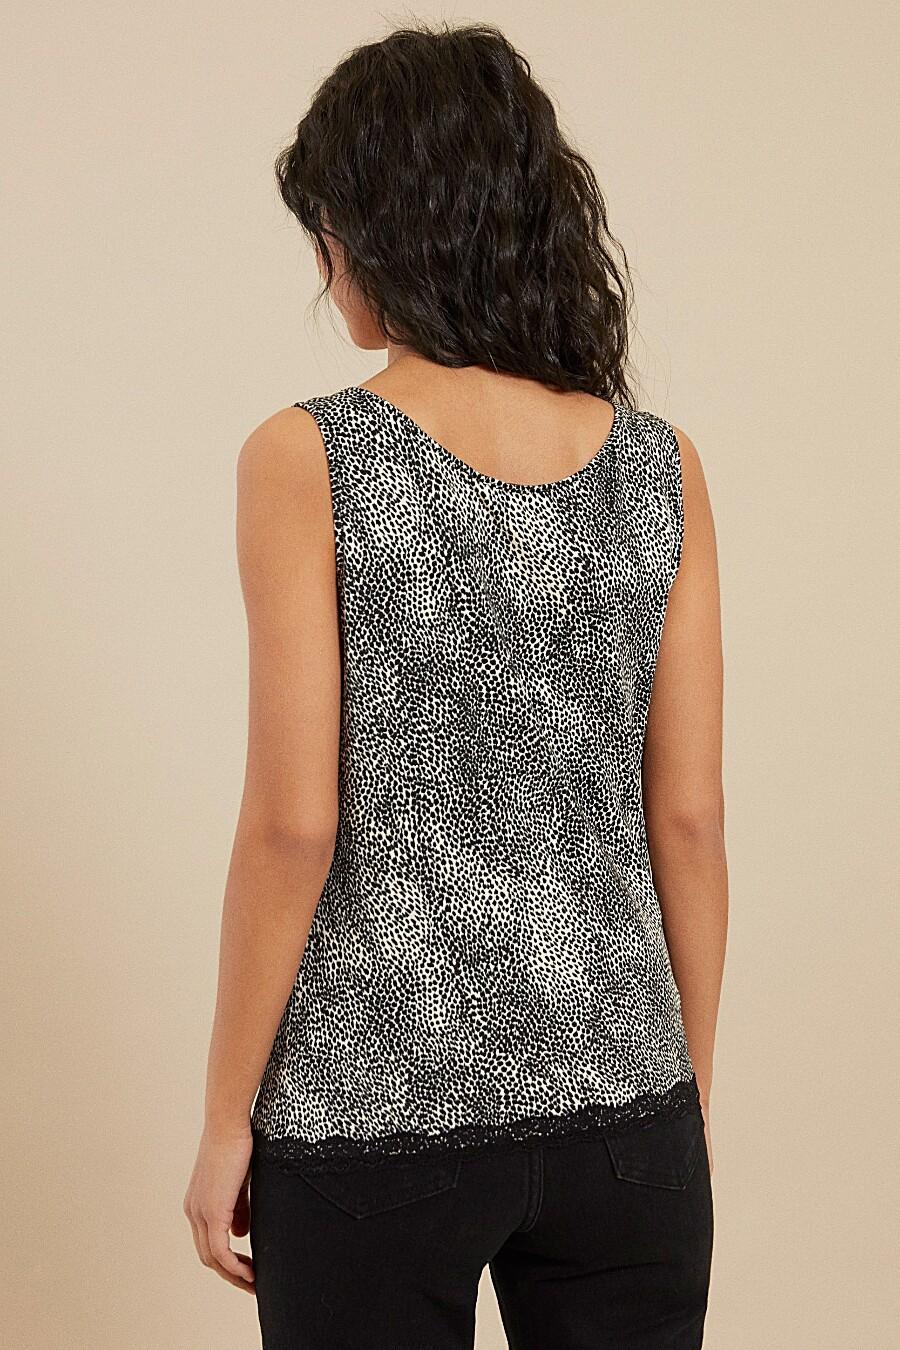 Топ для женщин ZARINA 205174 купить оптом от производителя. Совместная покупка женской одежды в OptMoyo